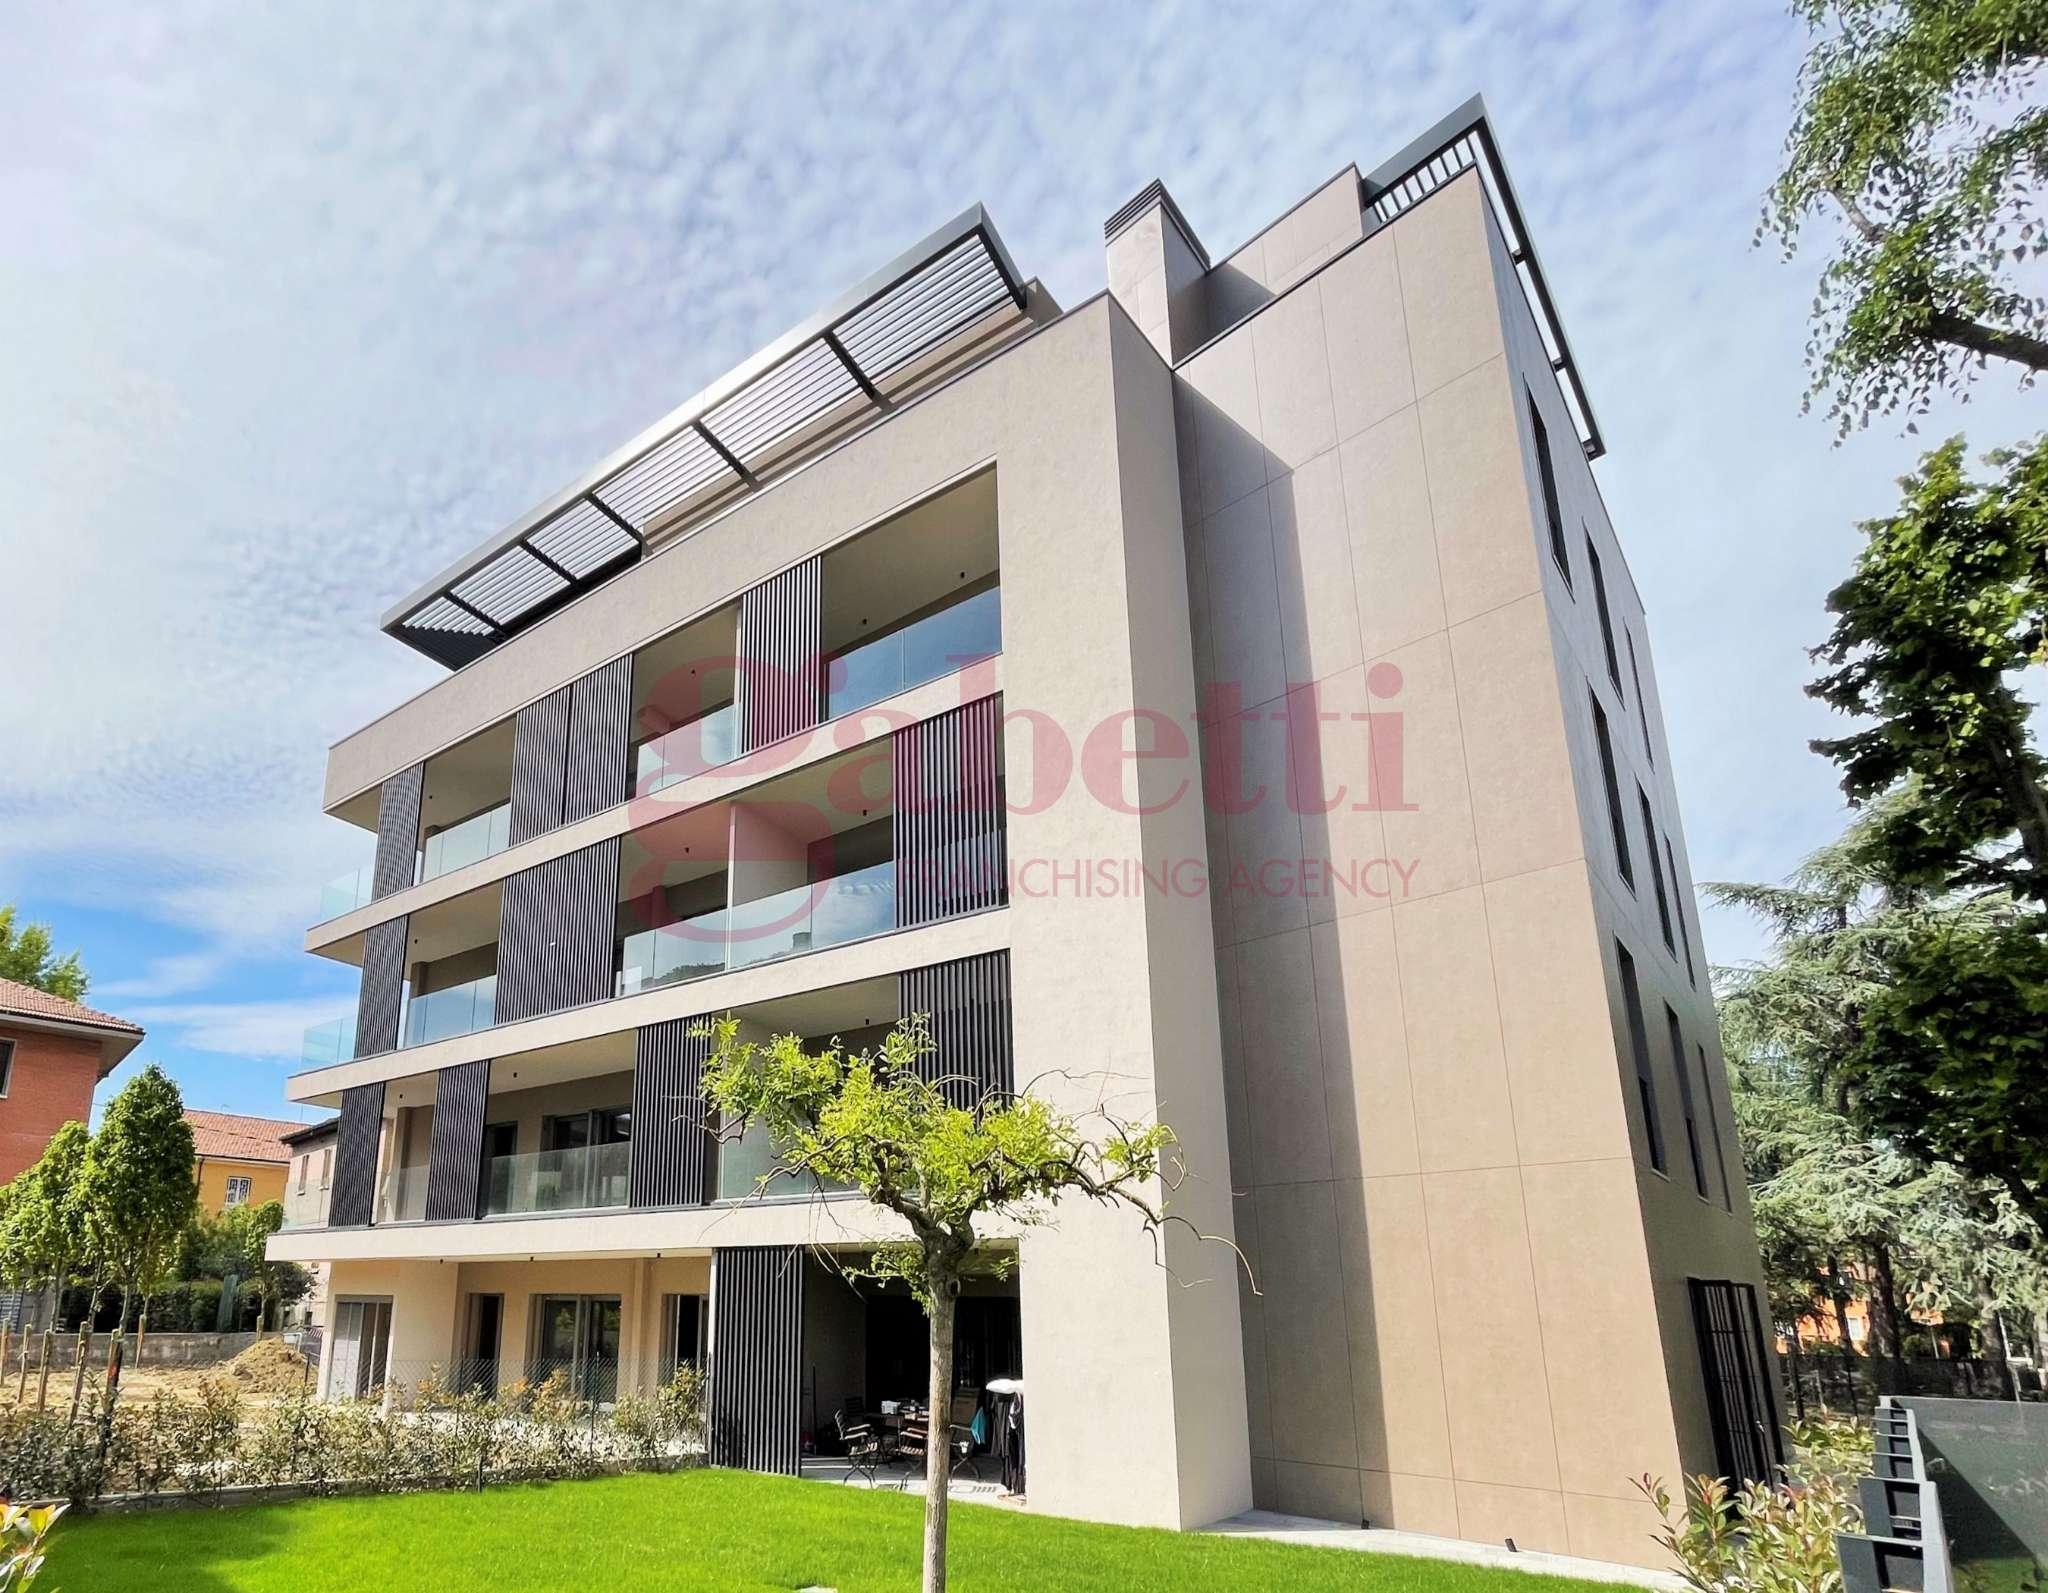 Appartamento in vendita a San Lazzaro di Savena, 5 locali, prezzo € 743.000 | PortaleAgenzieImmobiliari.it